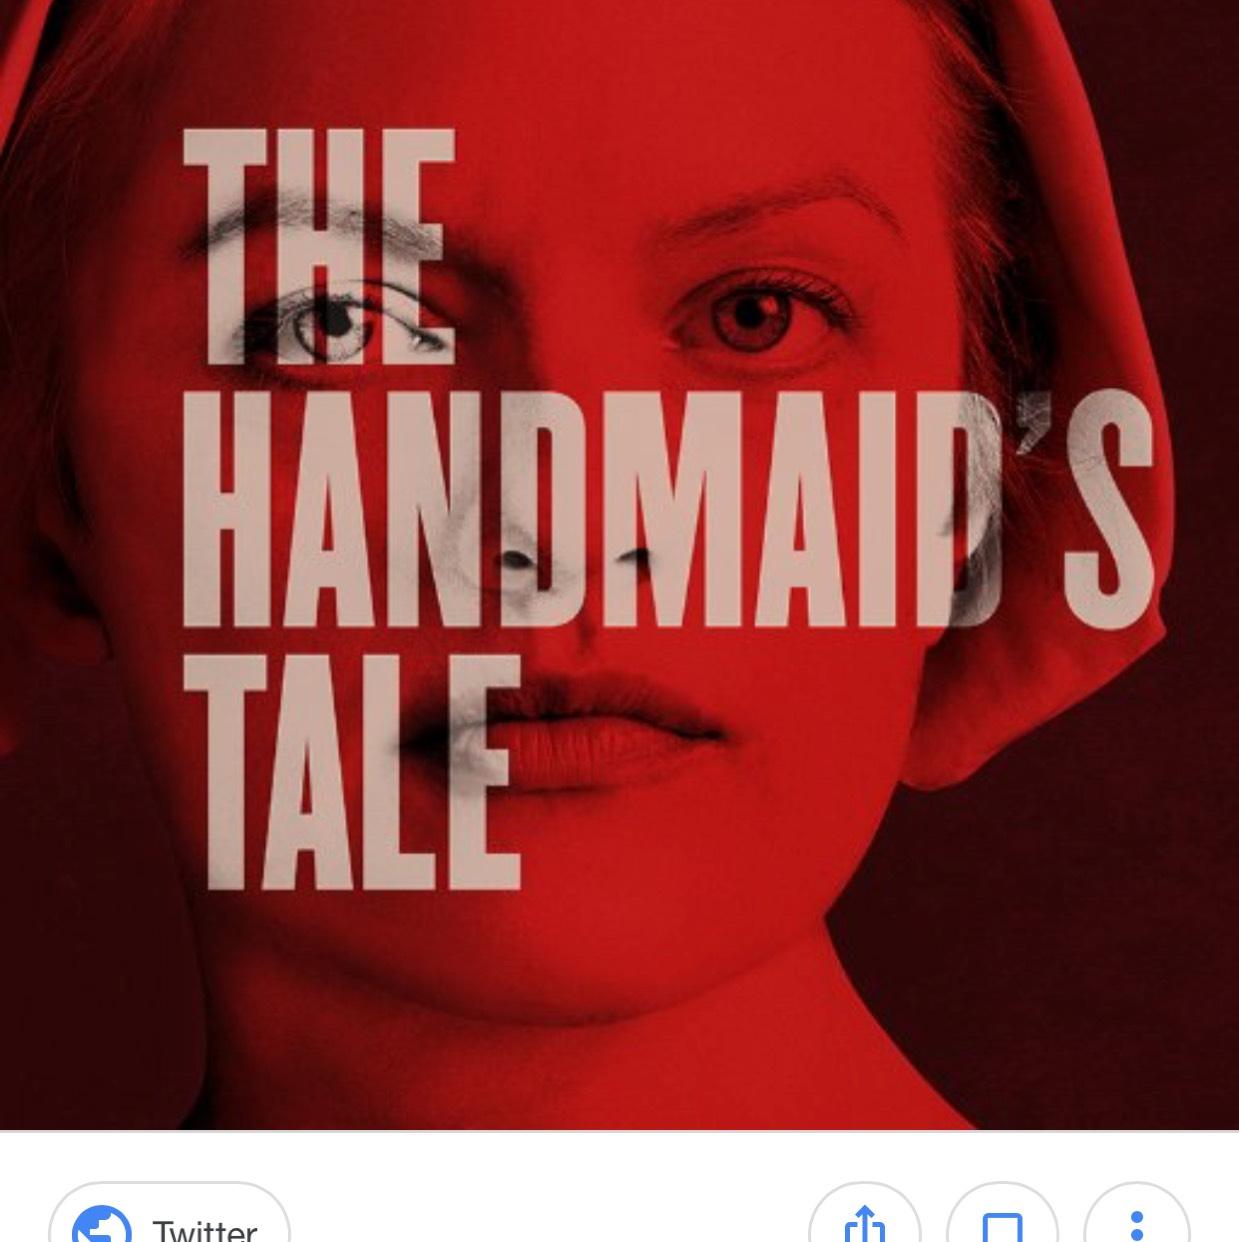 Serie The Handmaid's Tale kijken voor 1 cent